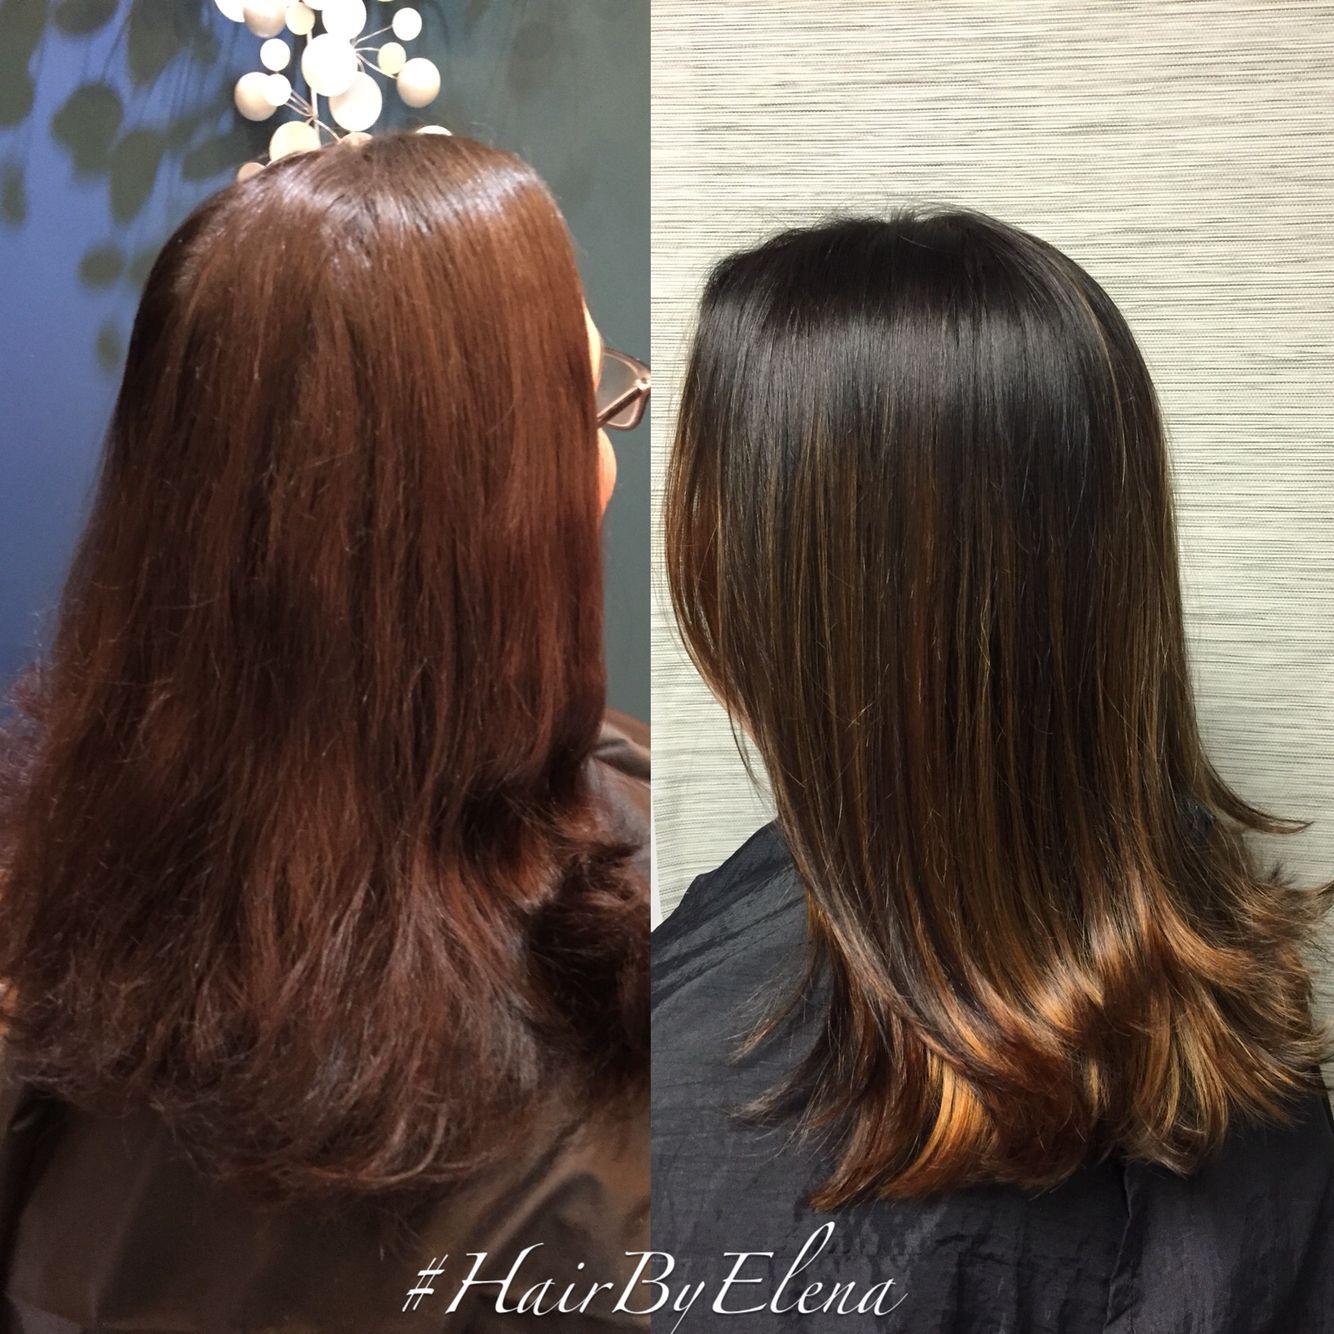 Hair color #hairbyelena